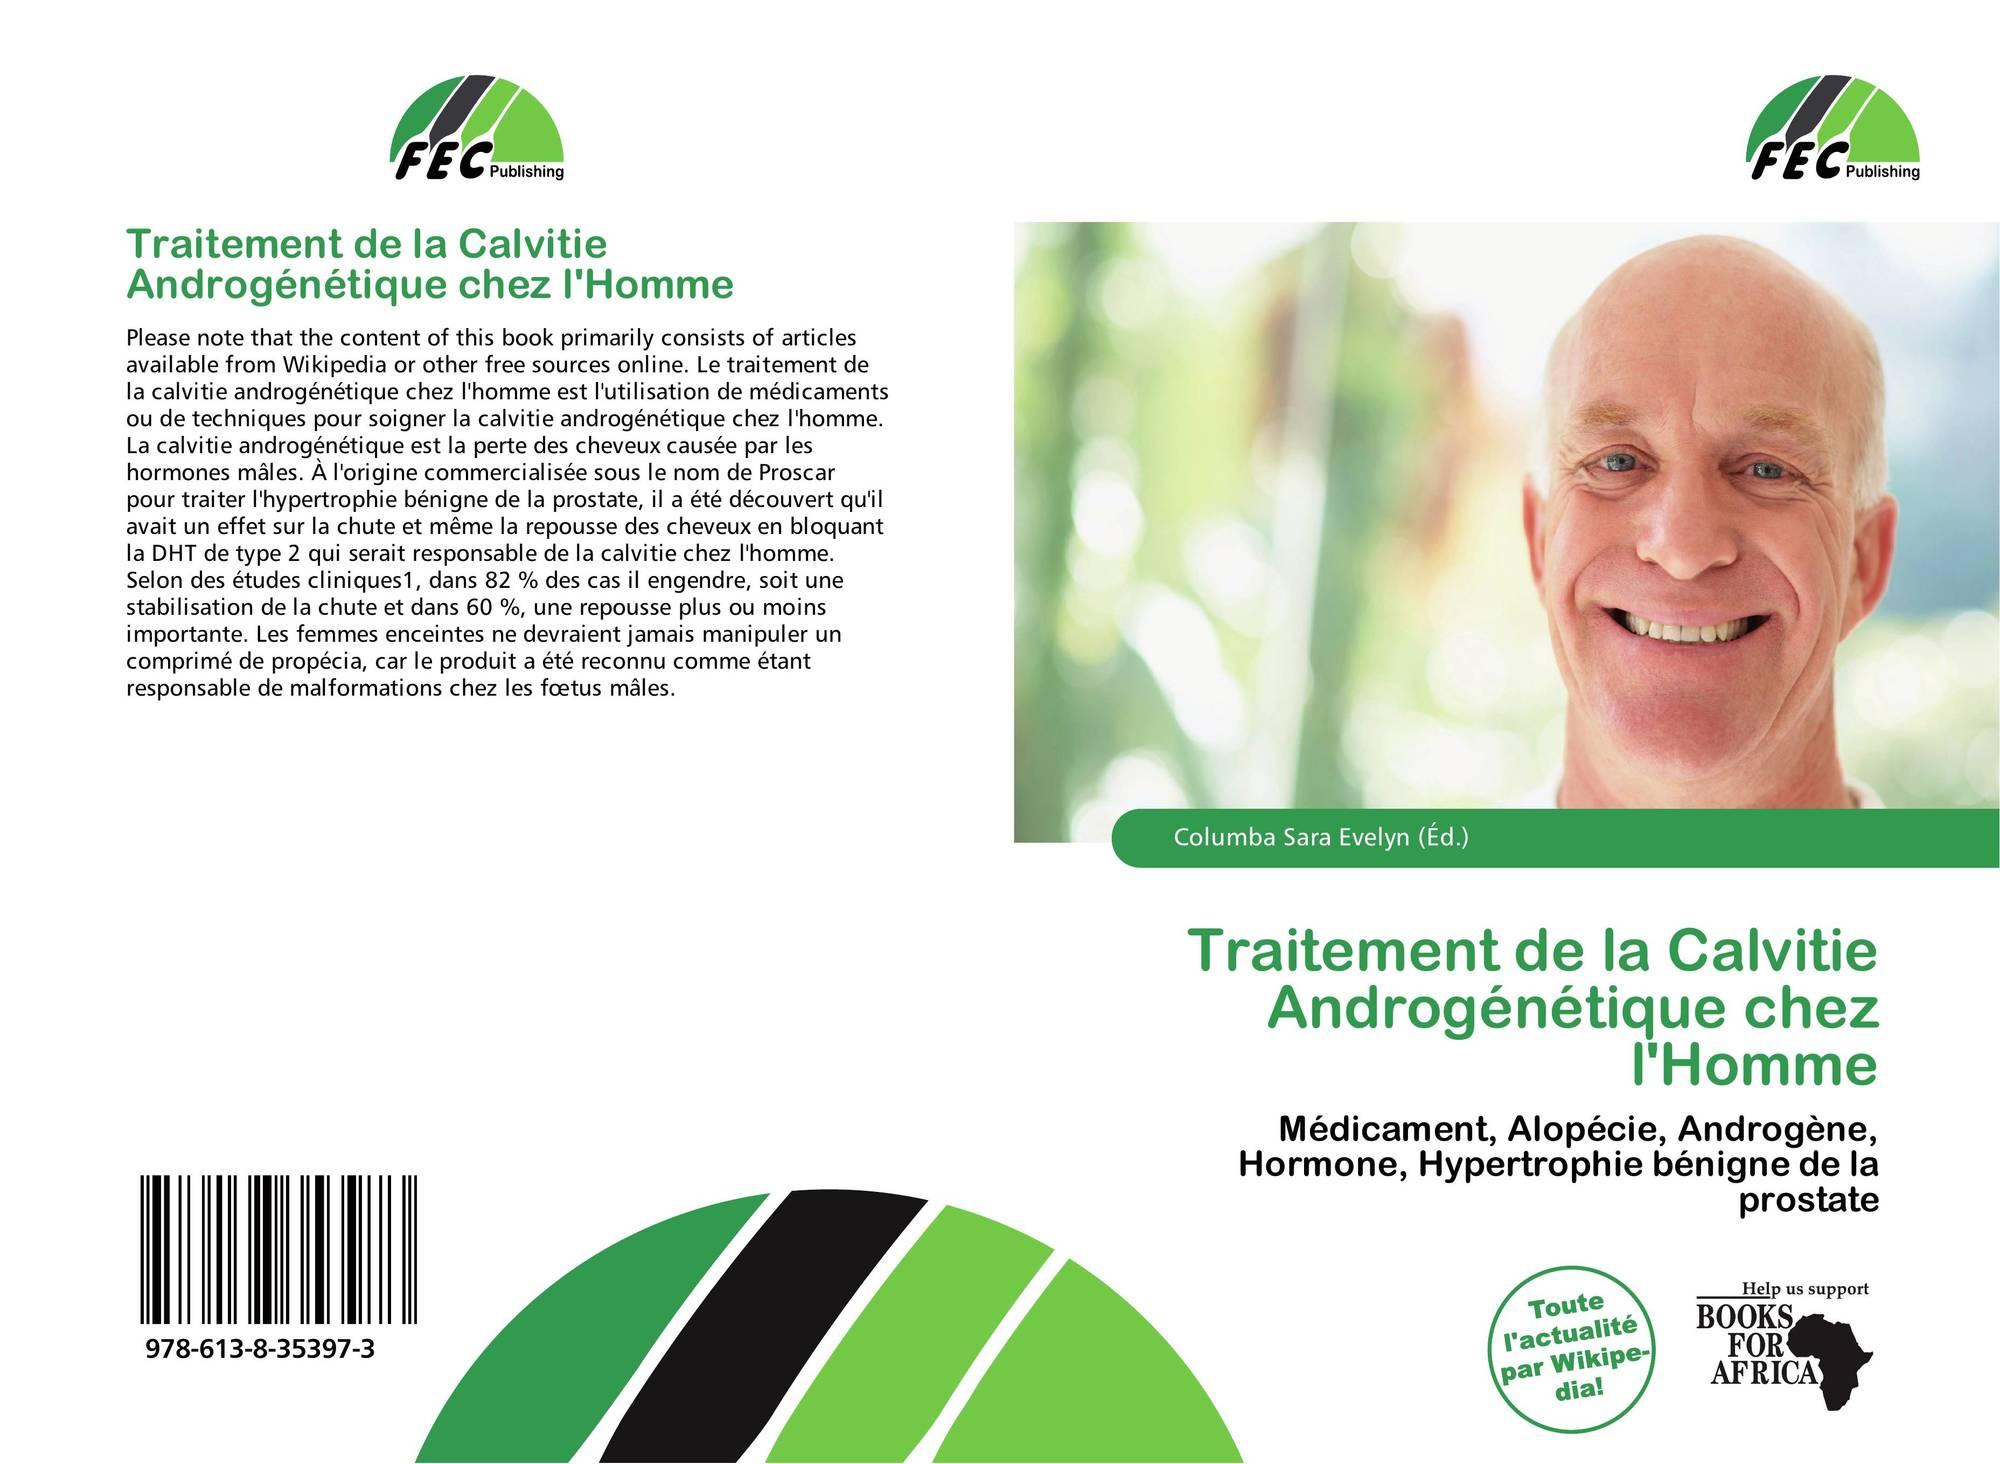 traitement de la calvitie androg n tique chez l 39 homme 978 613 8 35397 3 6138353978 9786138353973. Black Bedroom Furniture Sets. Home Design Ideas